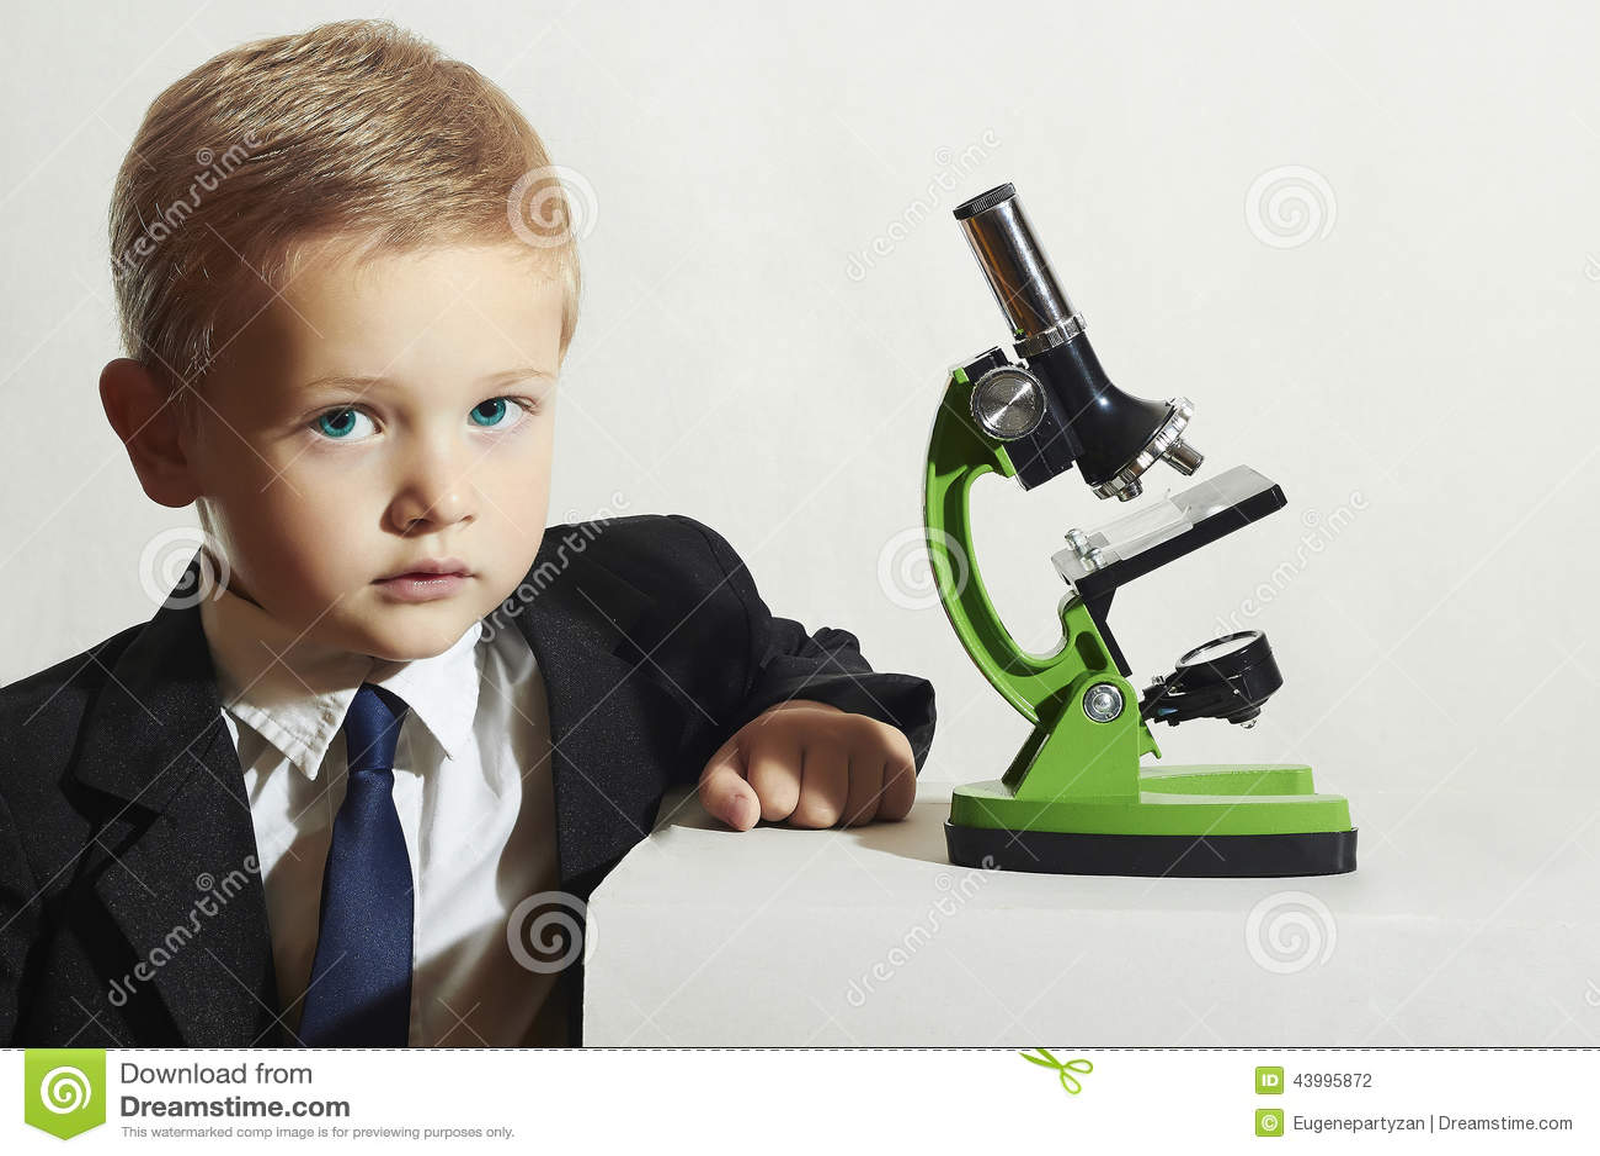 unusual制服 男小学生与显微镜一起使用 聪明的男孩 科学.图片